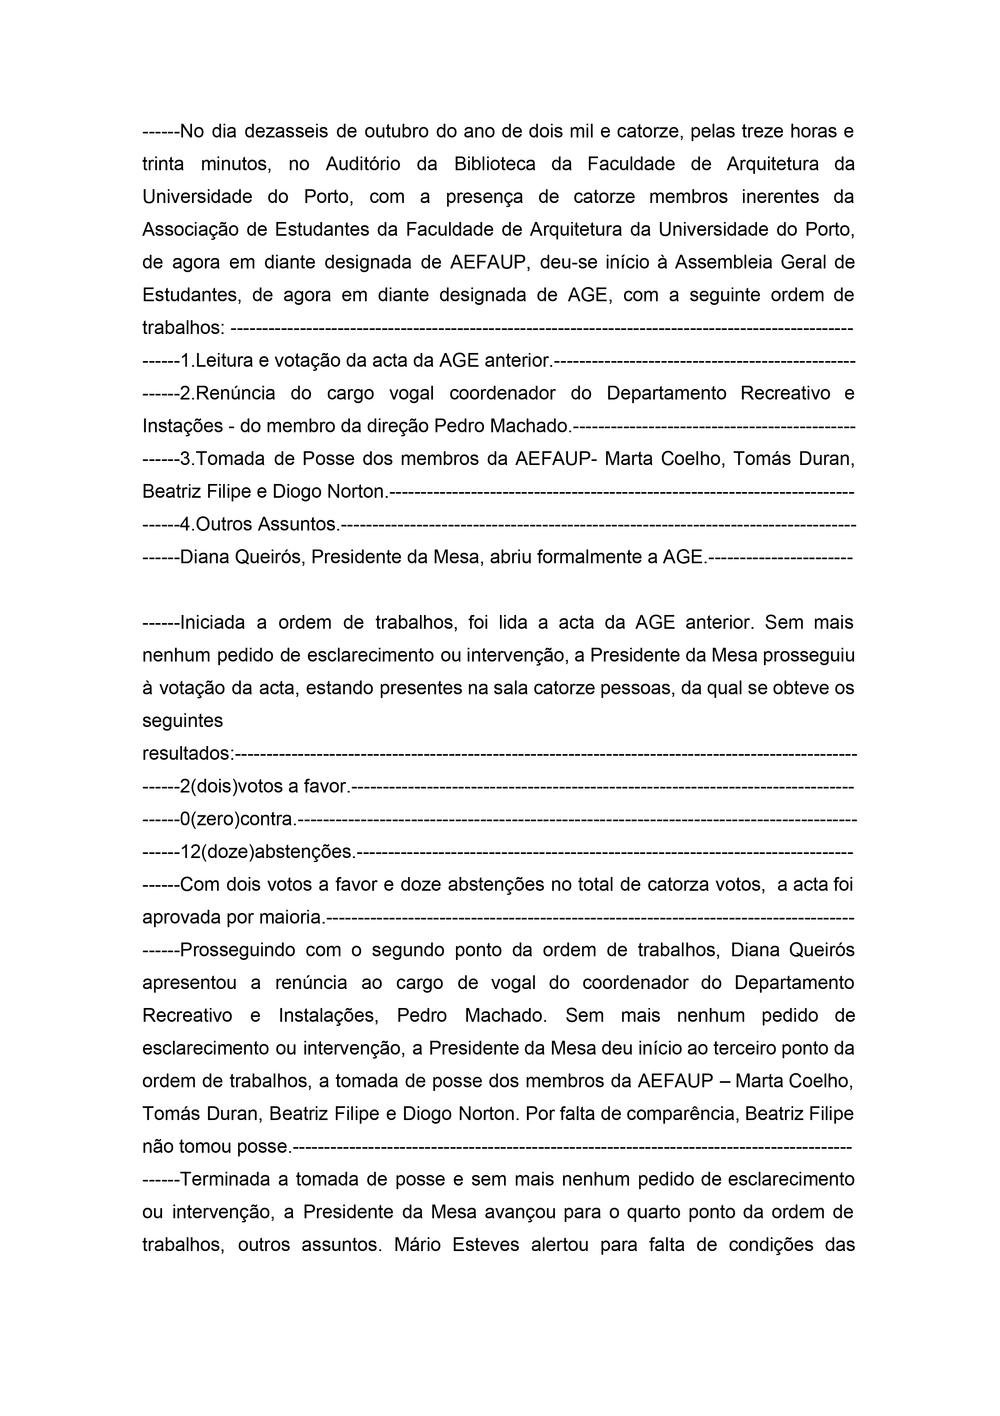 Acta de 16 de Outubro de 2014-1.jpg